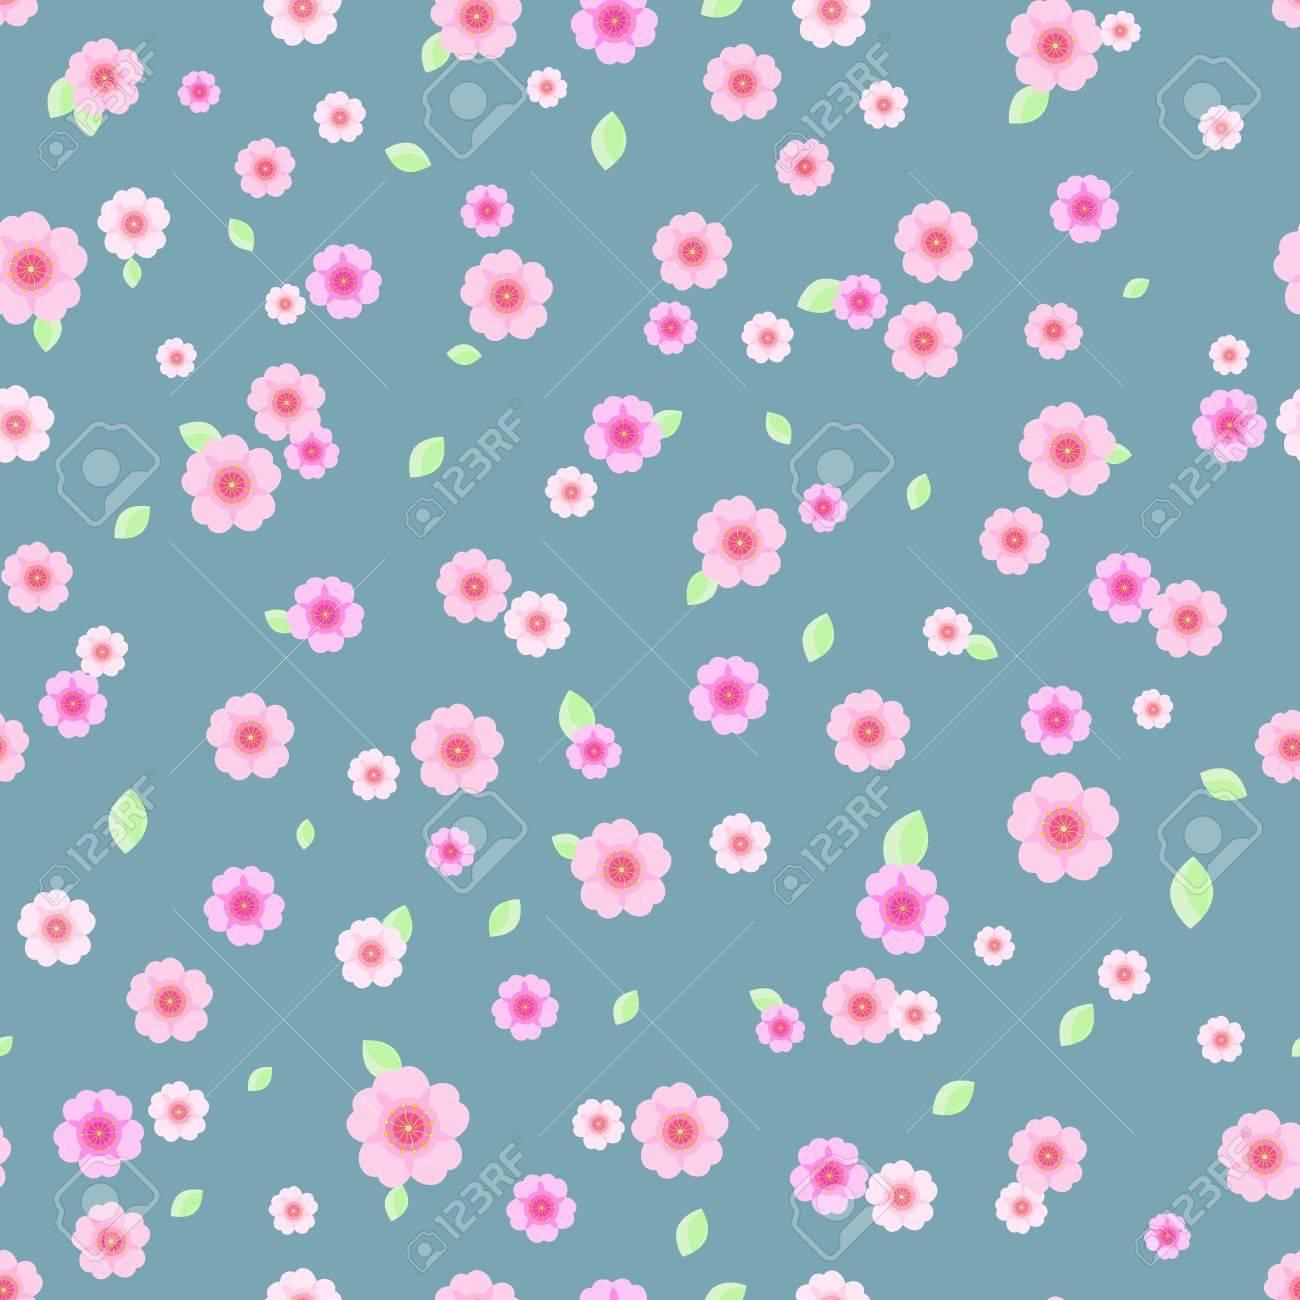 Modello Senza Soluzione Di Continuità Con Fiori Rosa E Bianchi Su Sfondo Grigio Blu Vector Floral Illustration